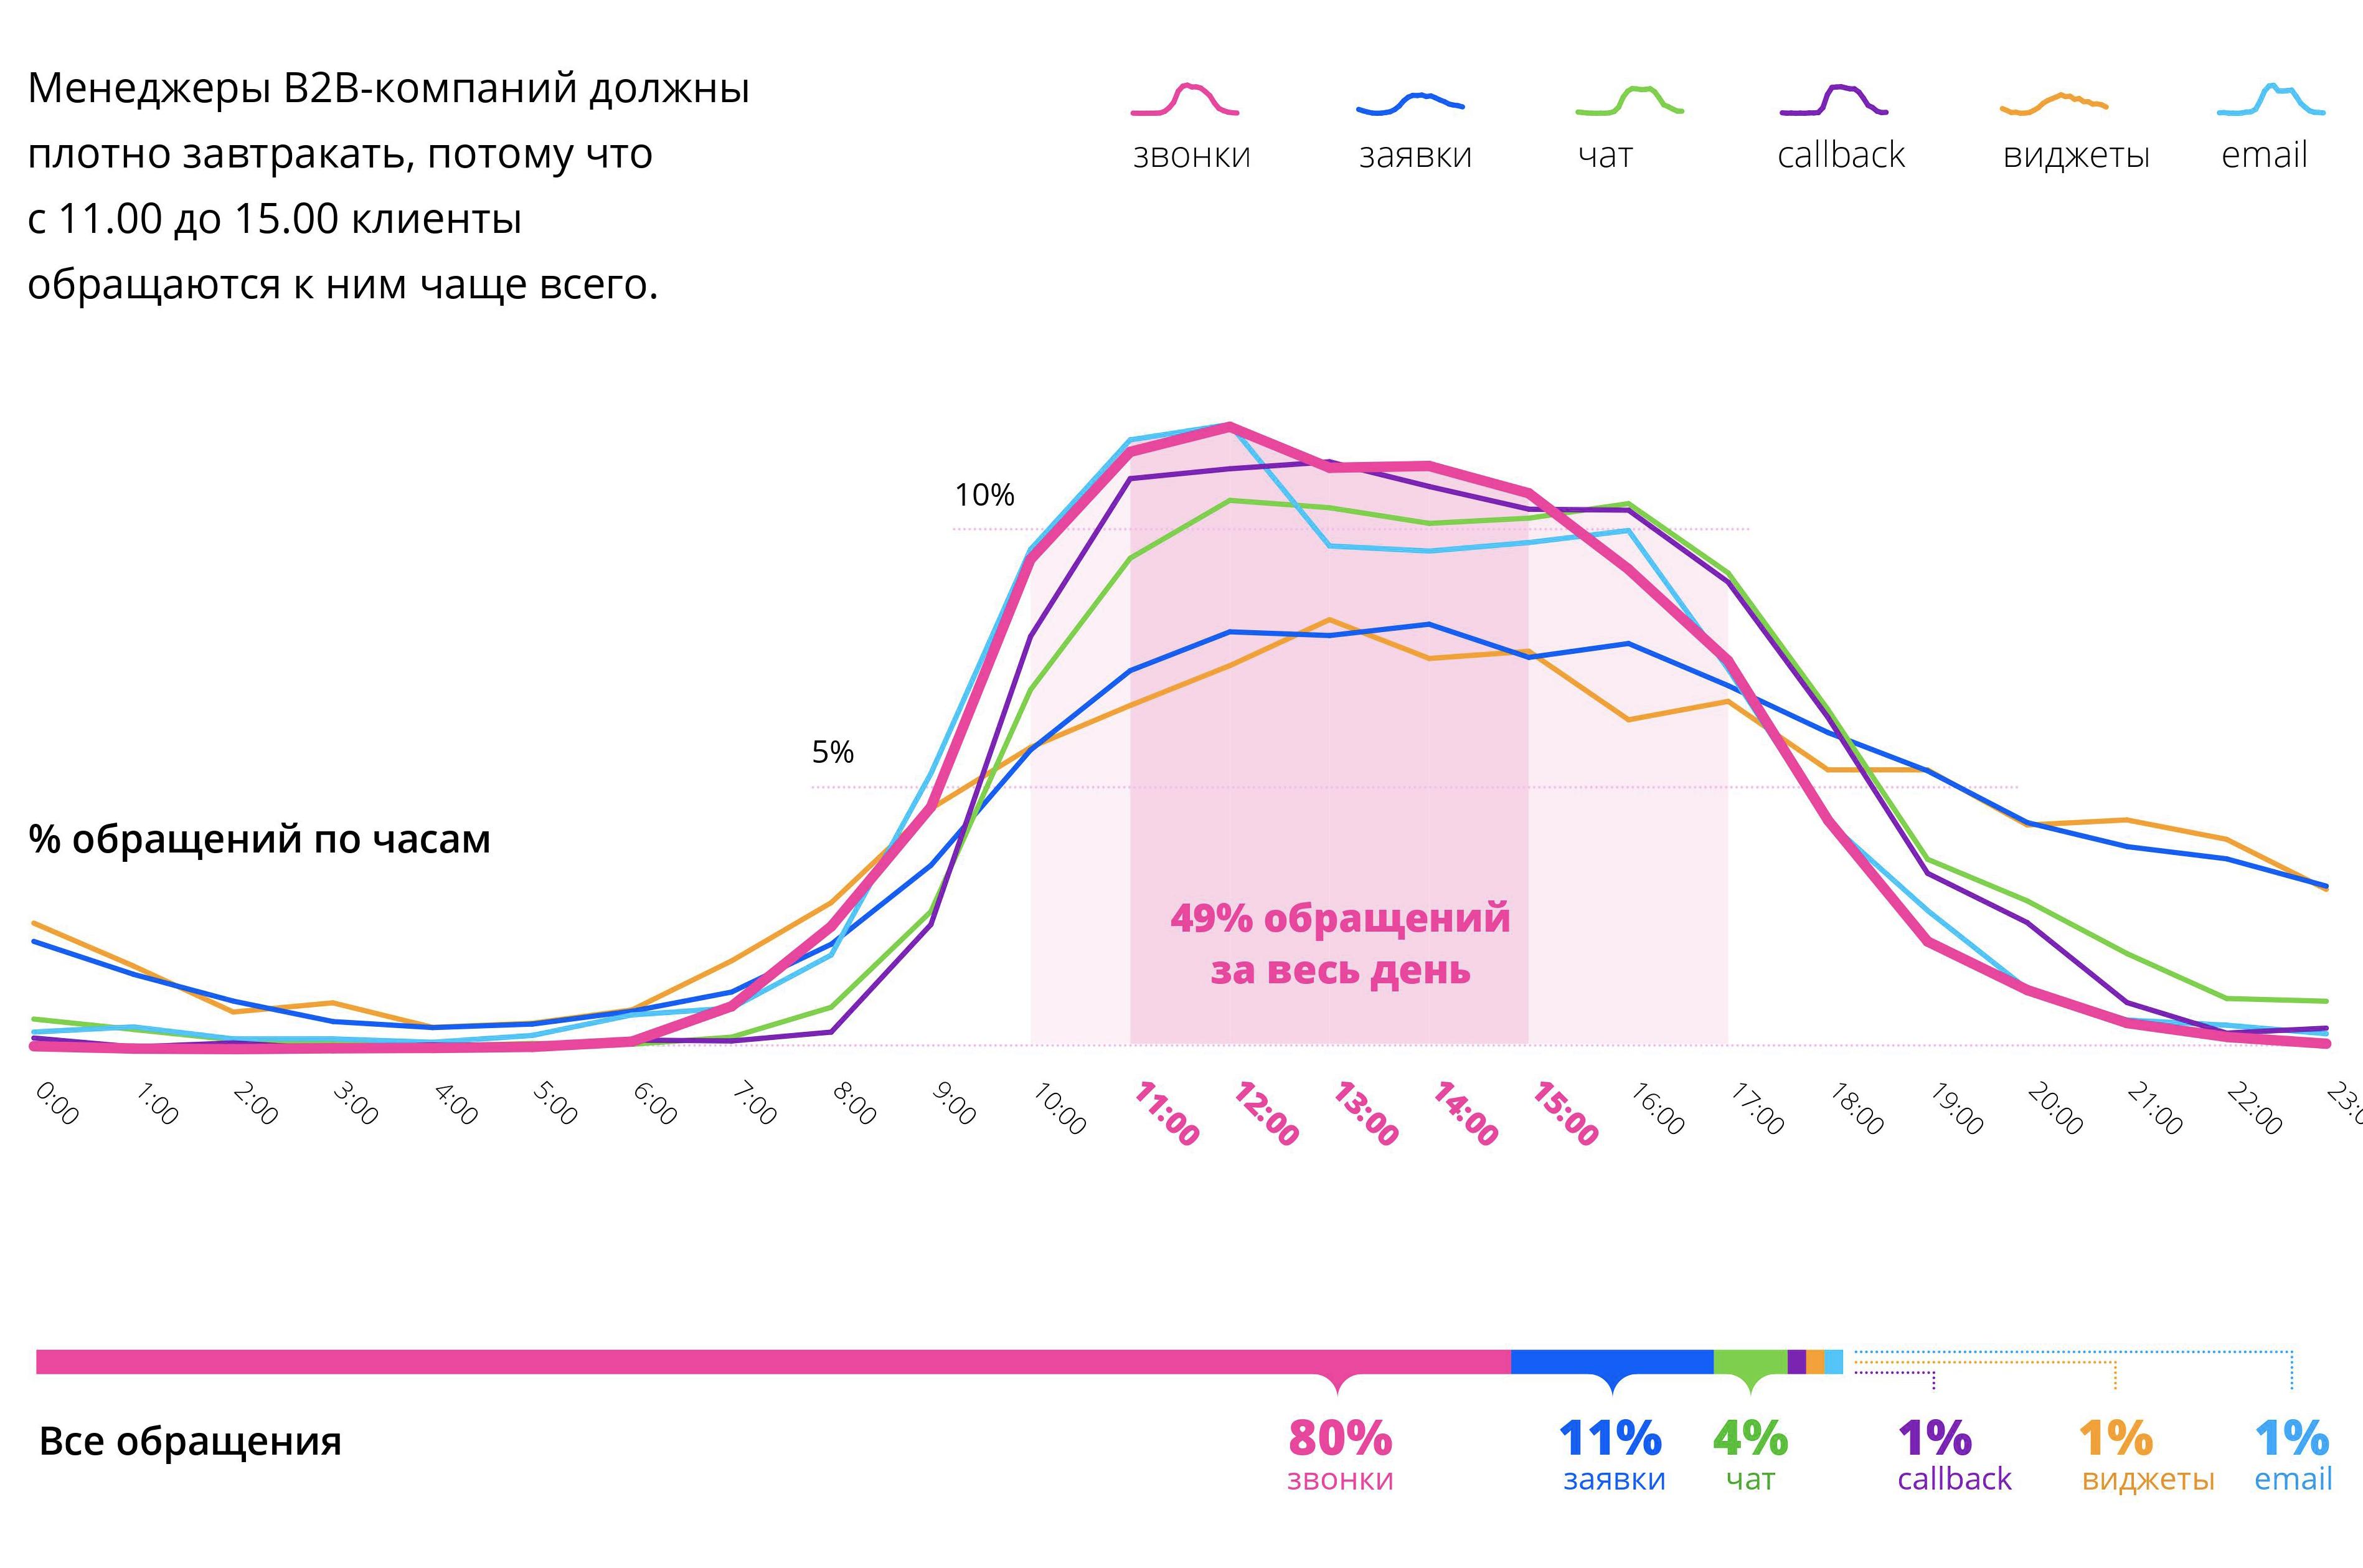 График входящих обращений в b2b по часам